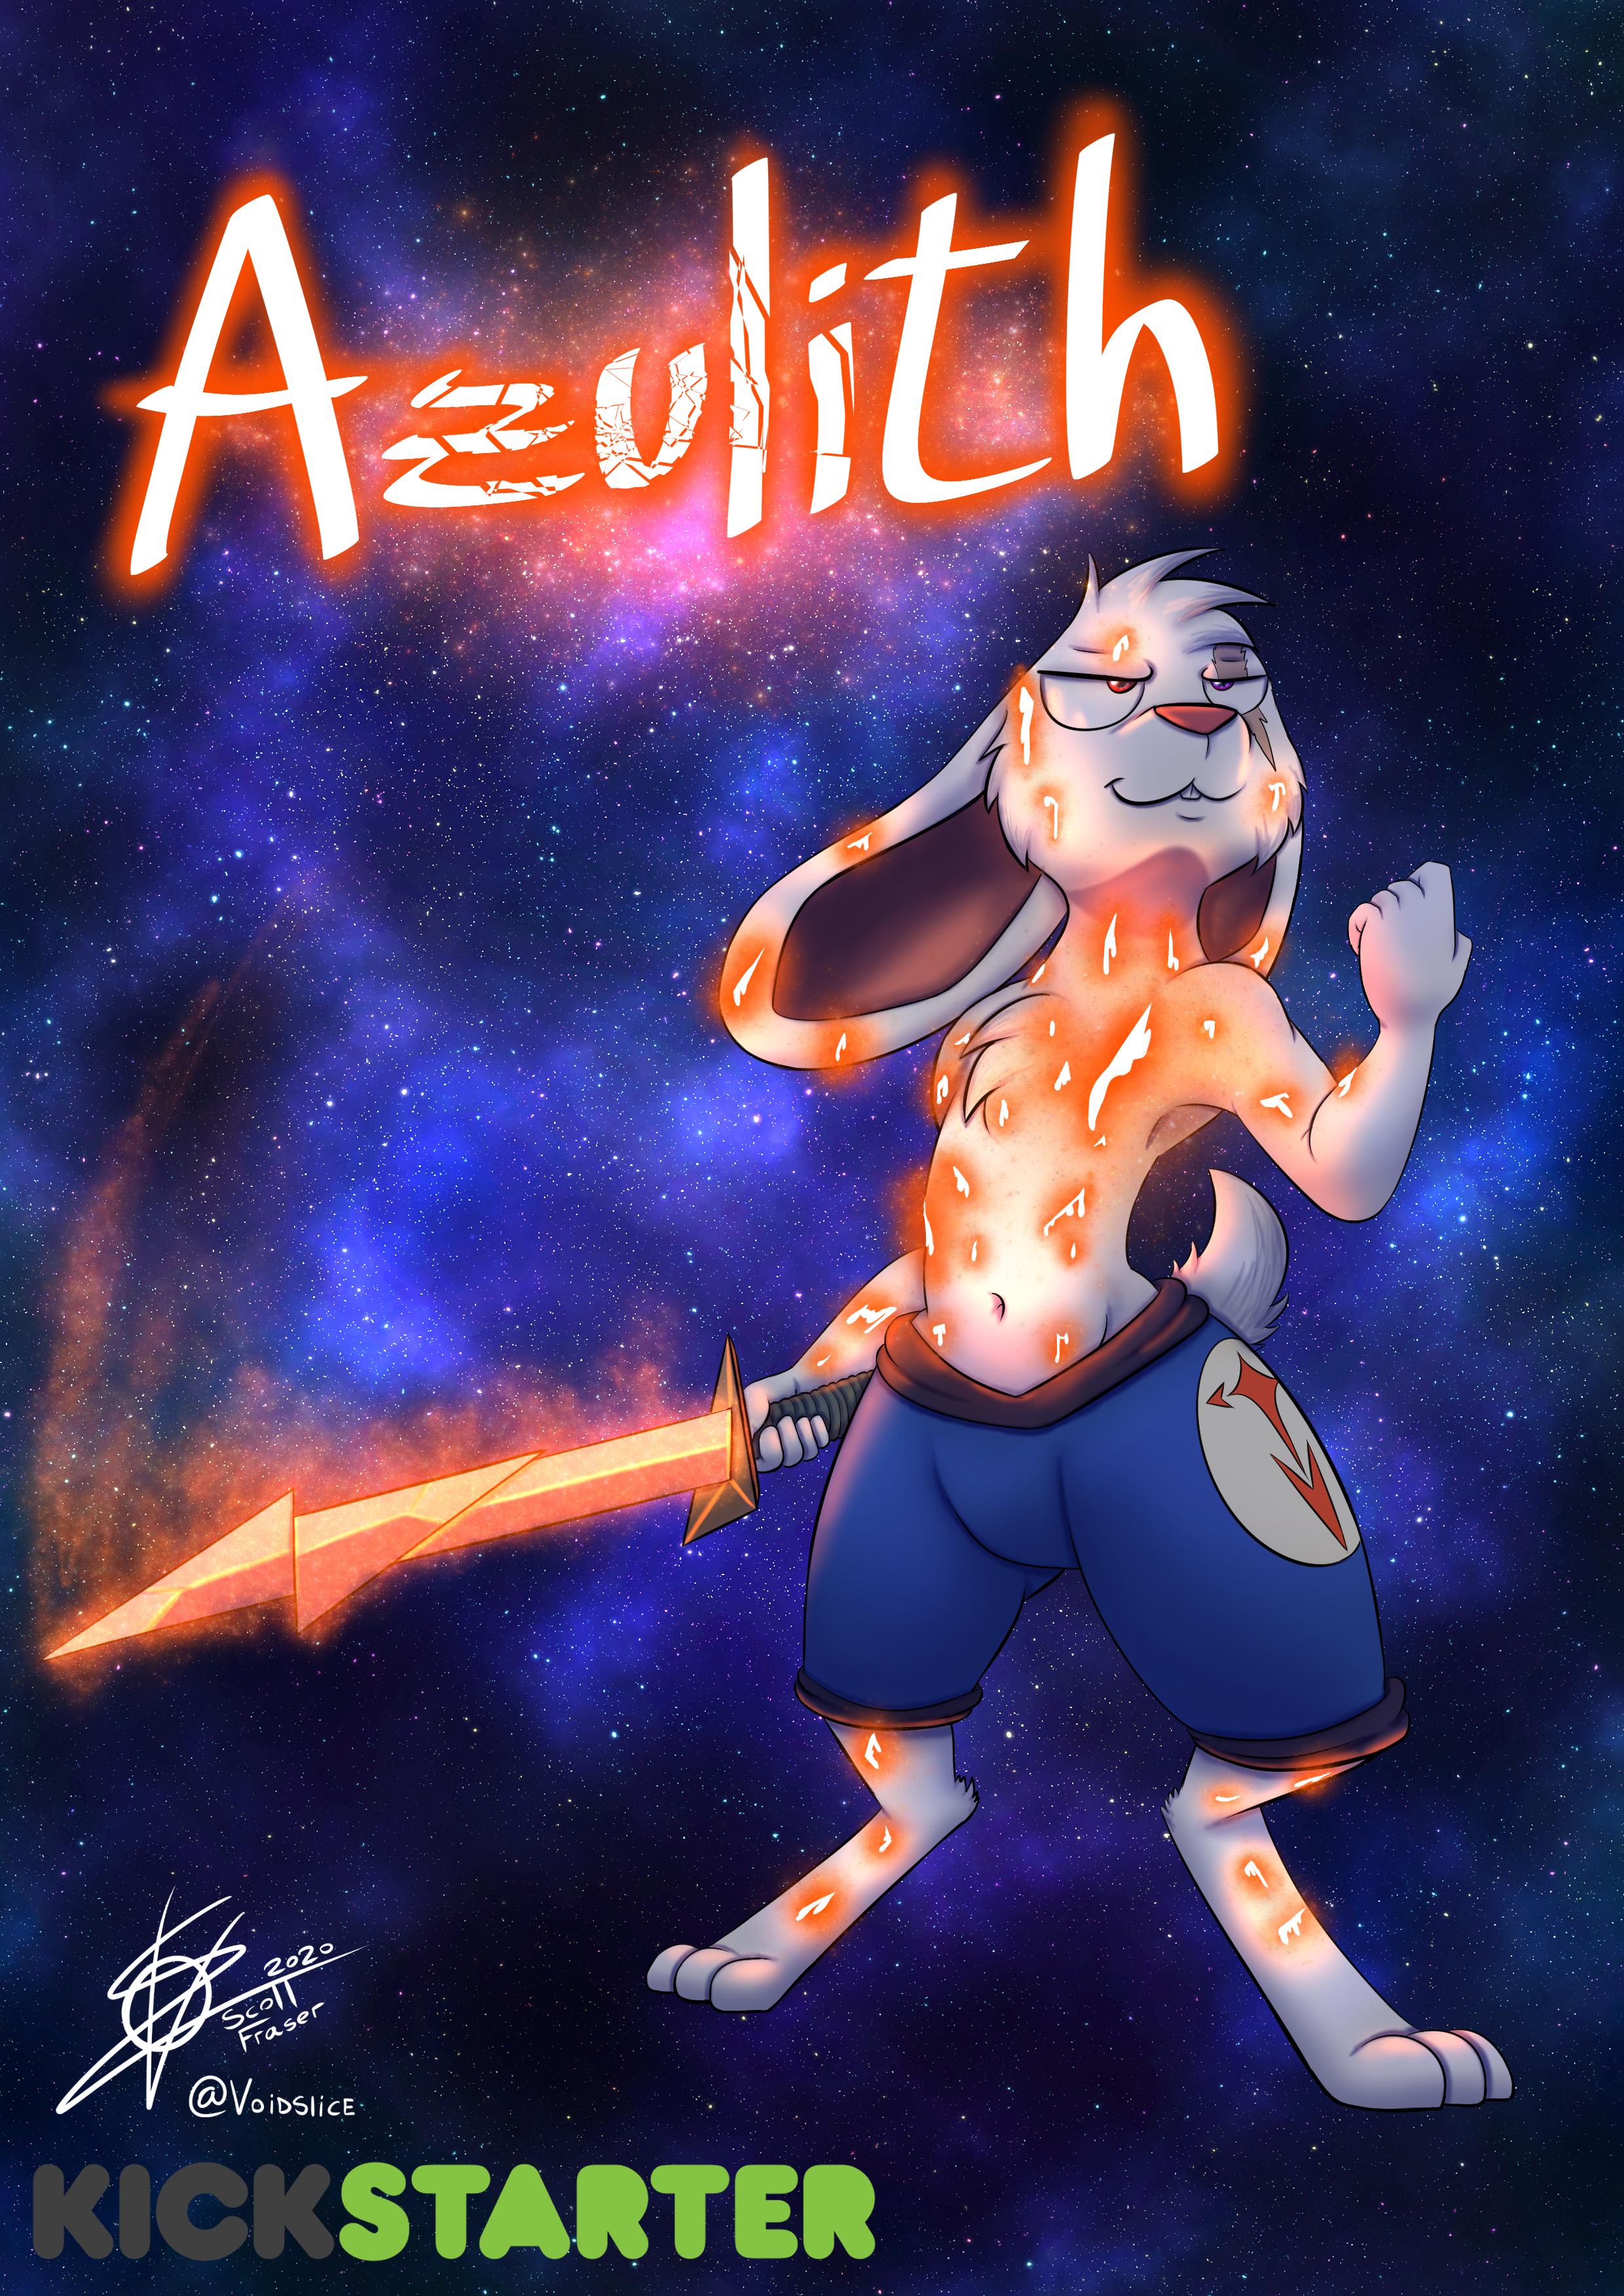 Star Warrior OC - Azulith